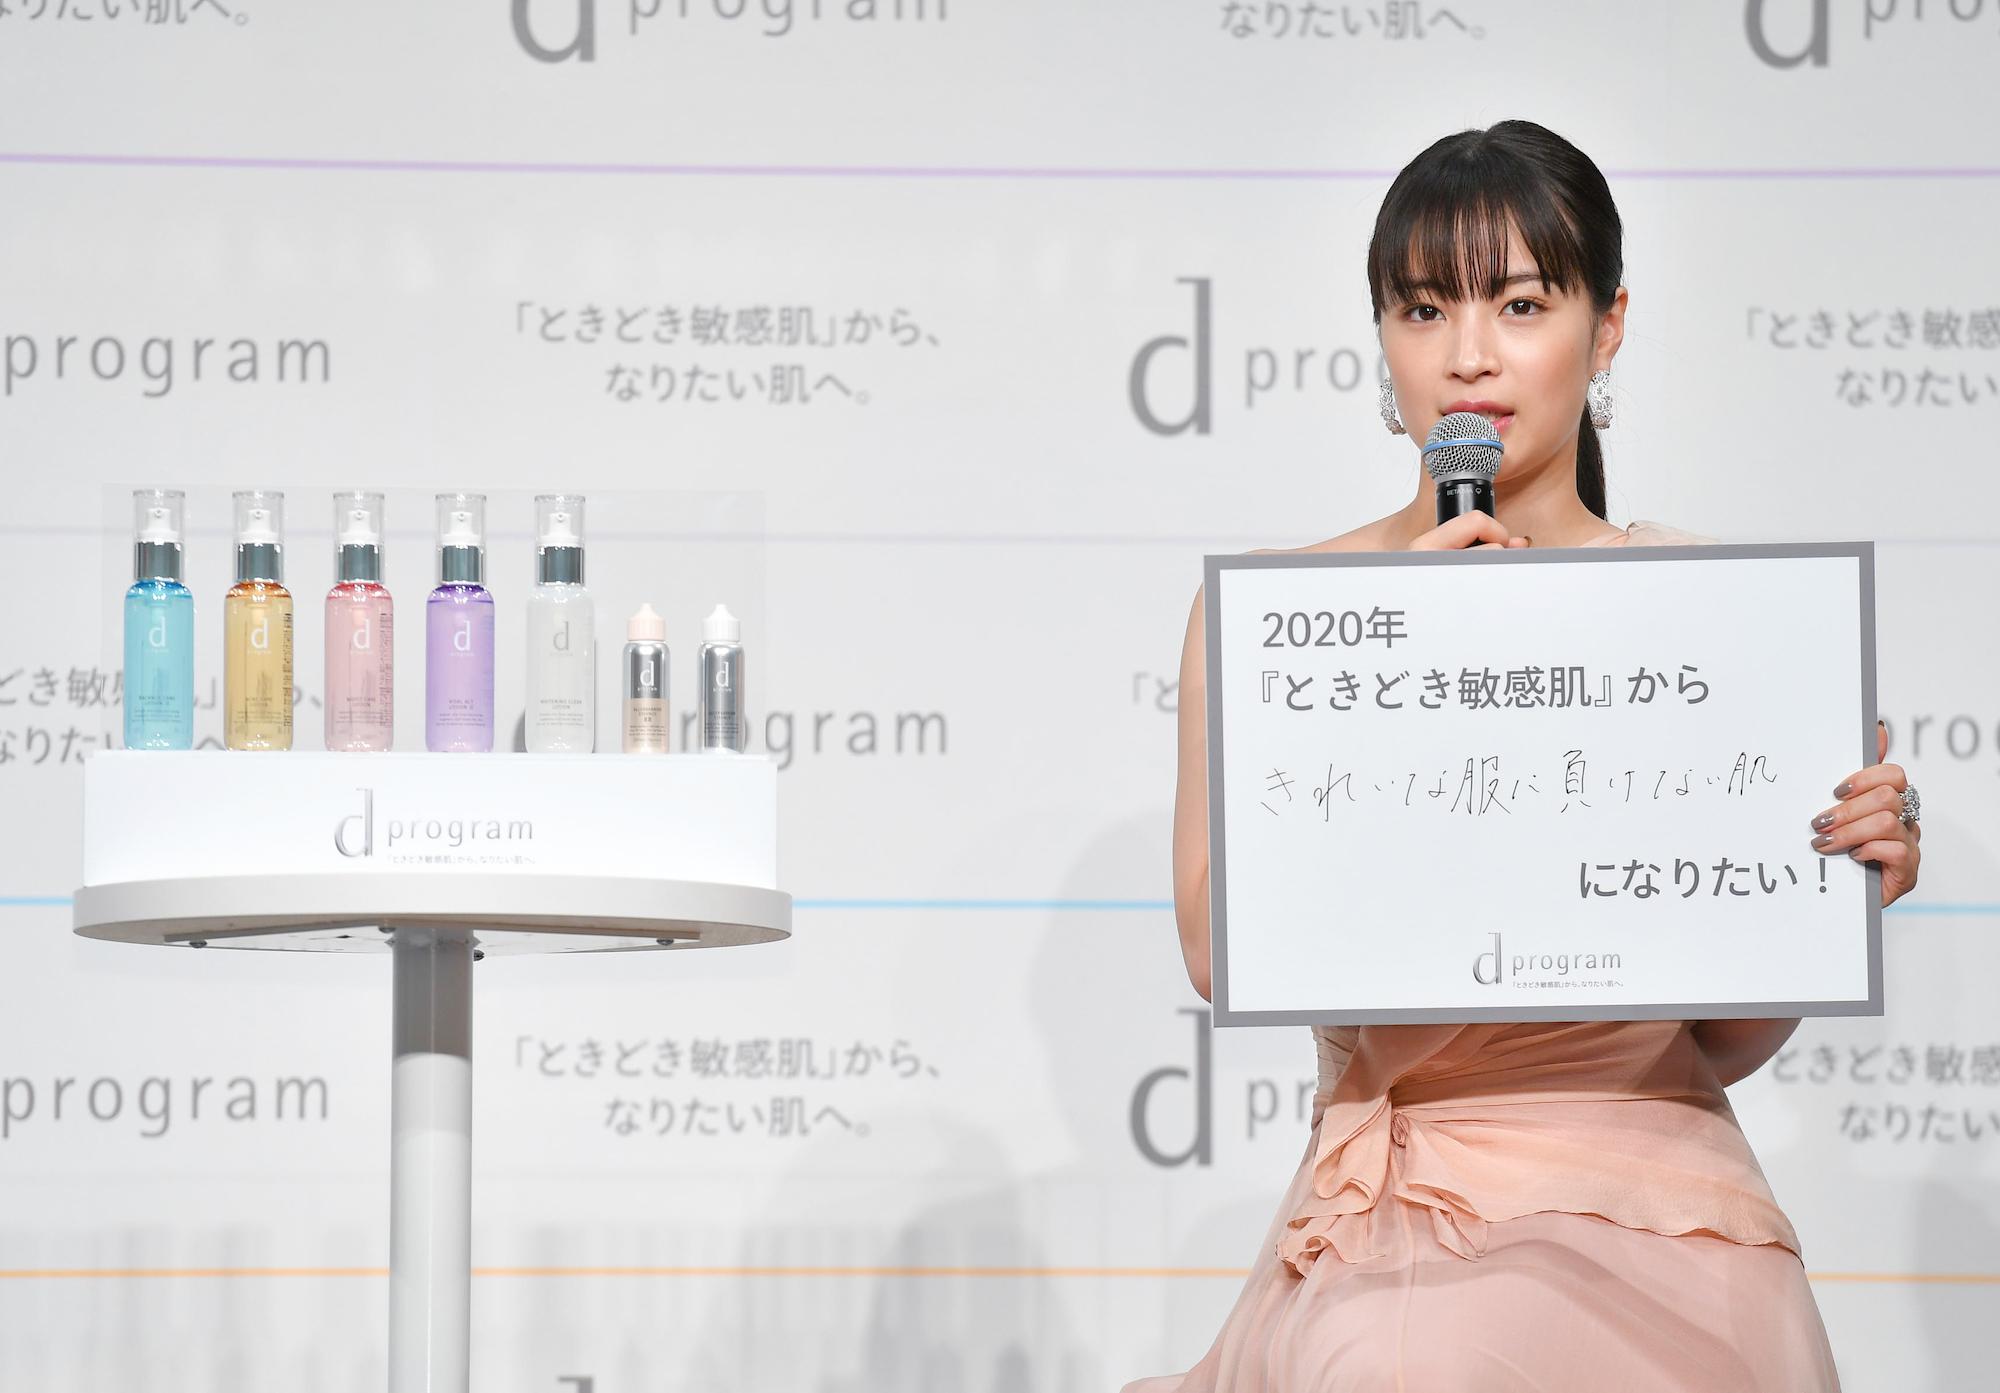 広瀬すず/資生堂『dプログラム 新ミューズ』就任発表会(2020年1月14日、表参道にて)